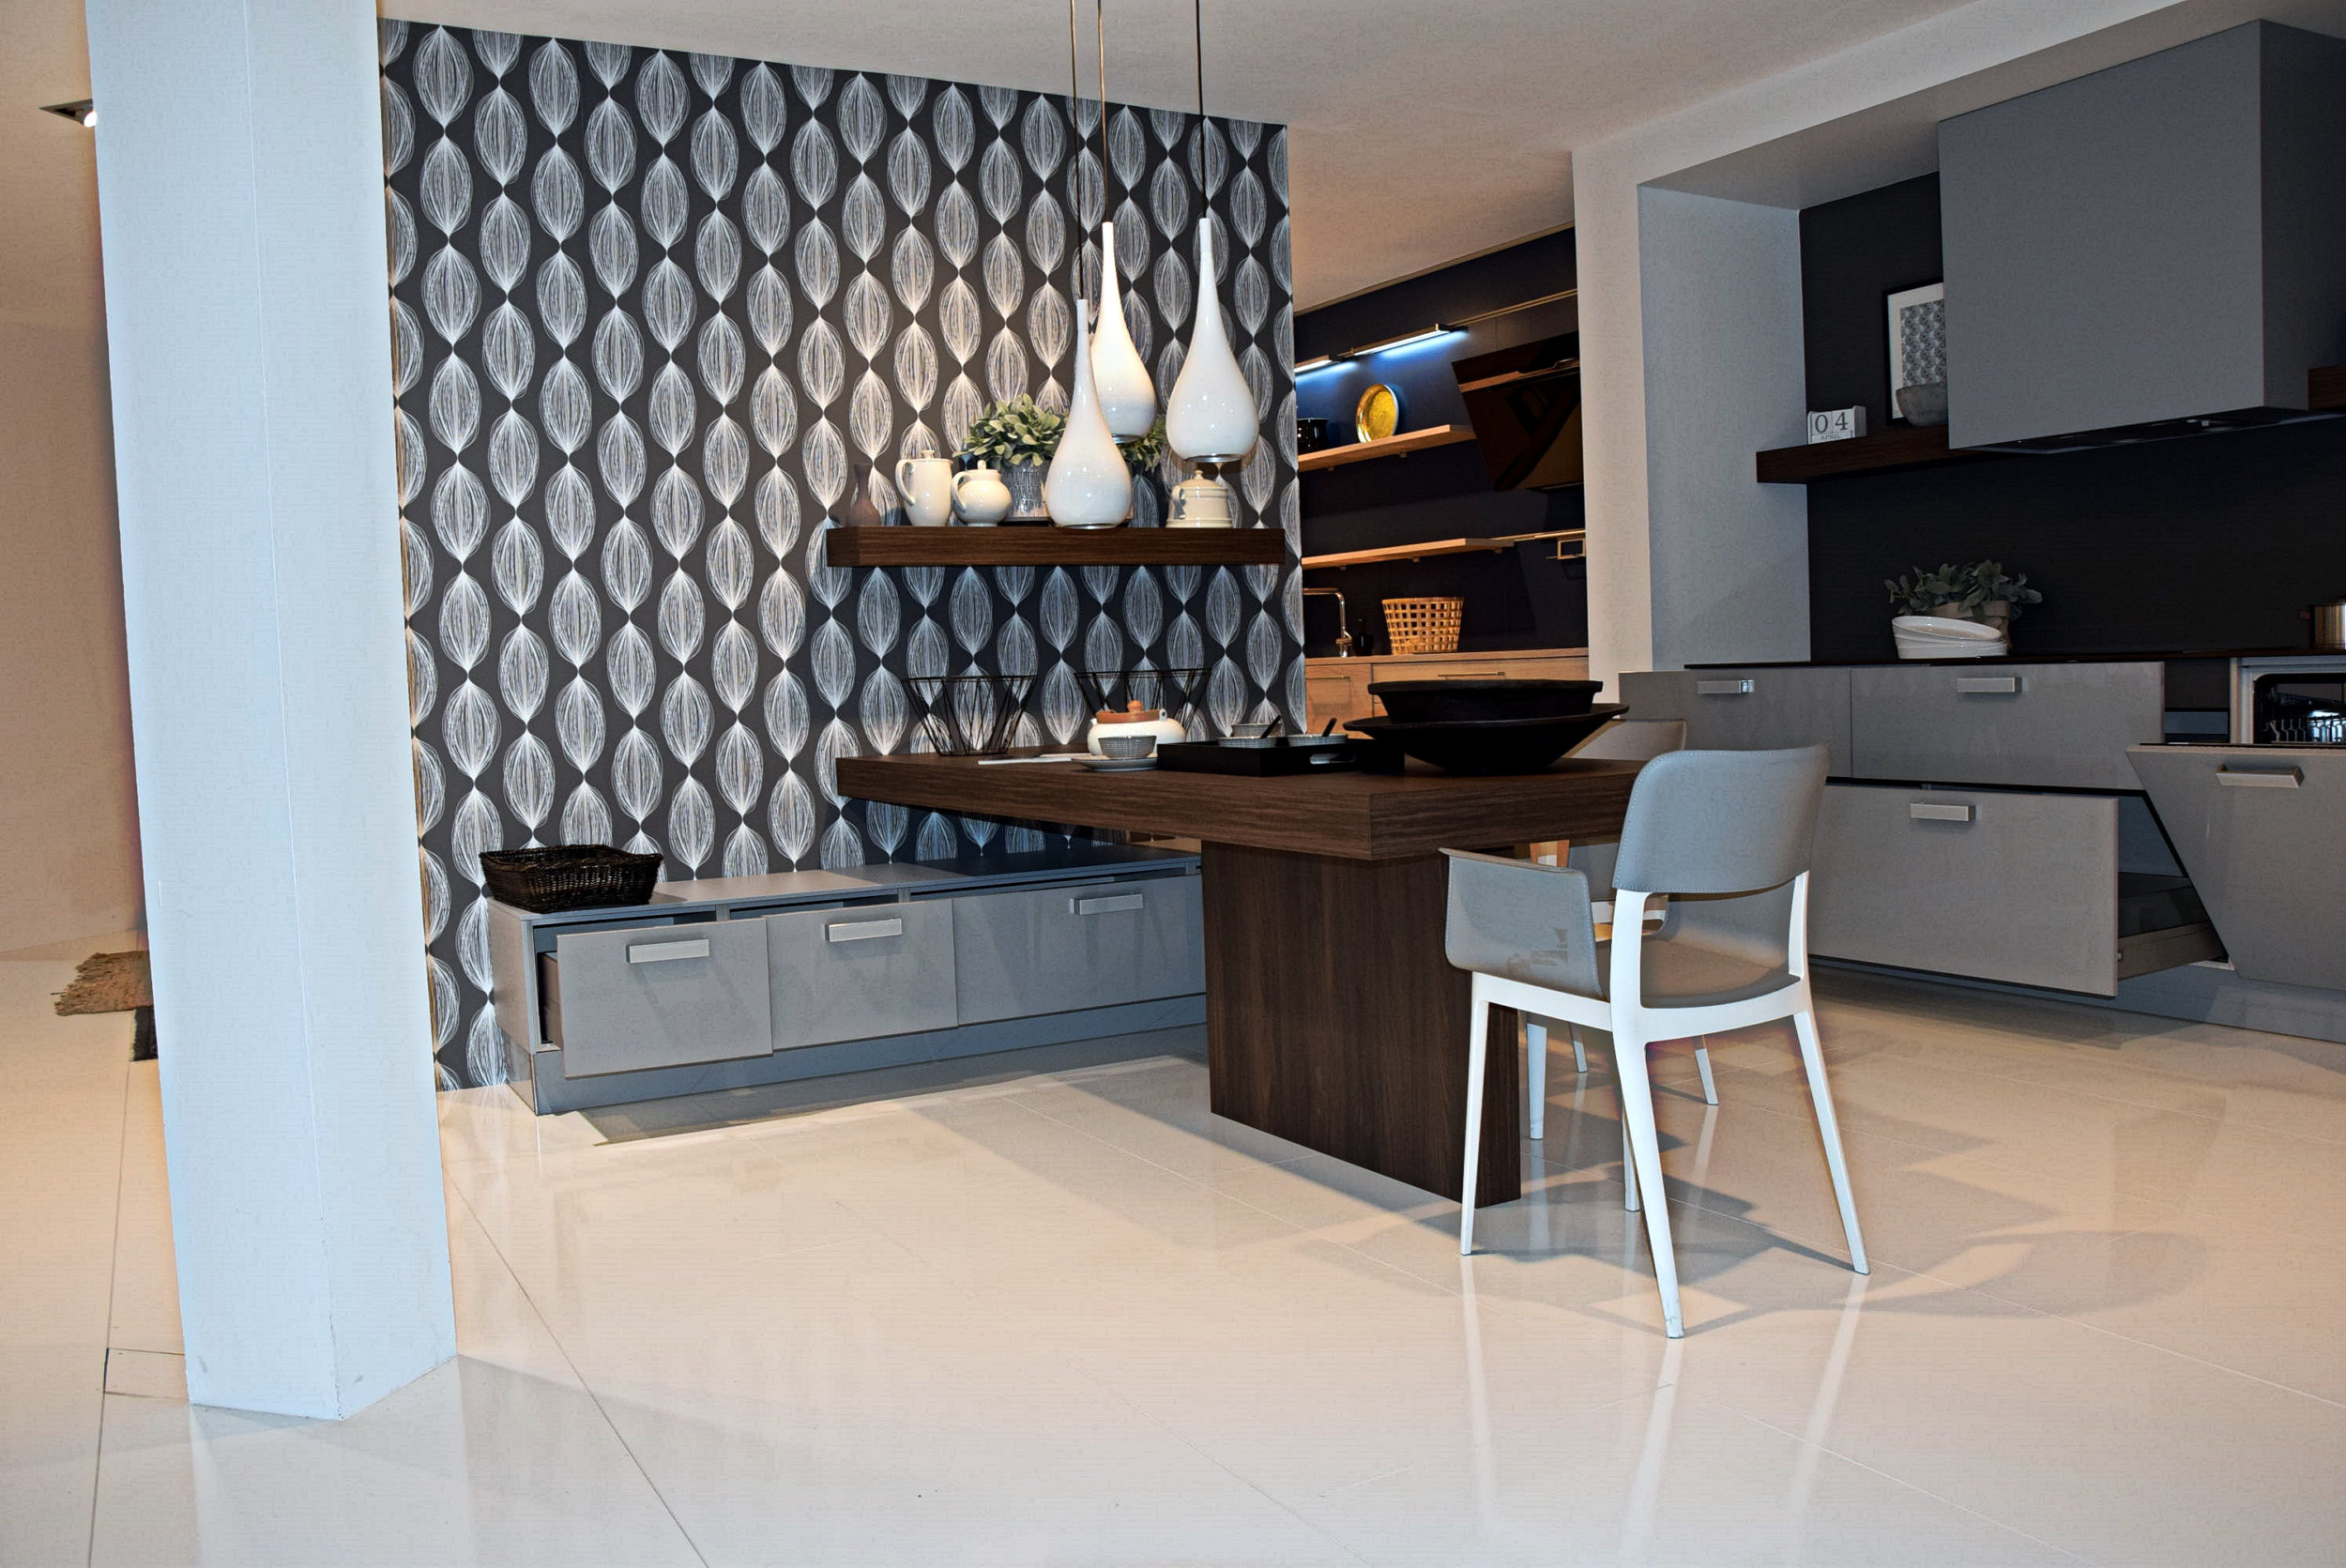 Full Size of Nolte Küchen Glasfront Küche Betten Regal Schlafzimmer Wohnzimmer Nolte Küchen Glasfront